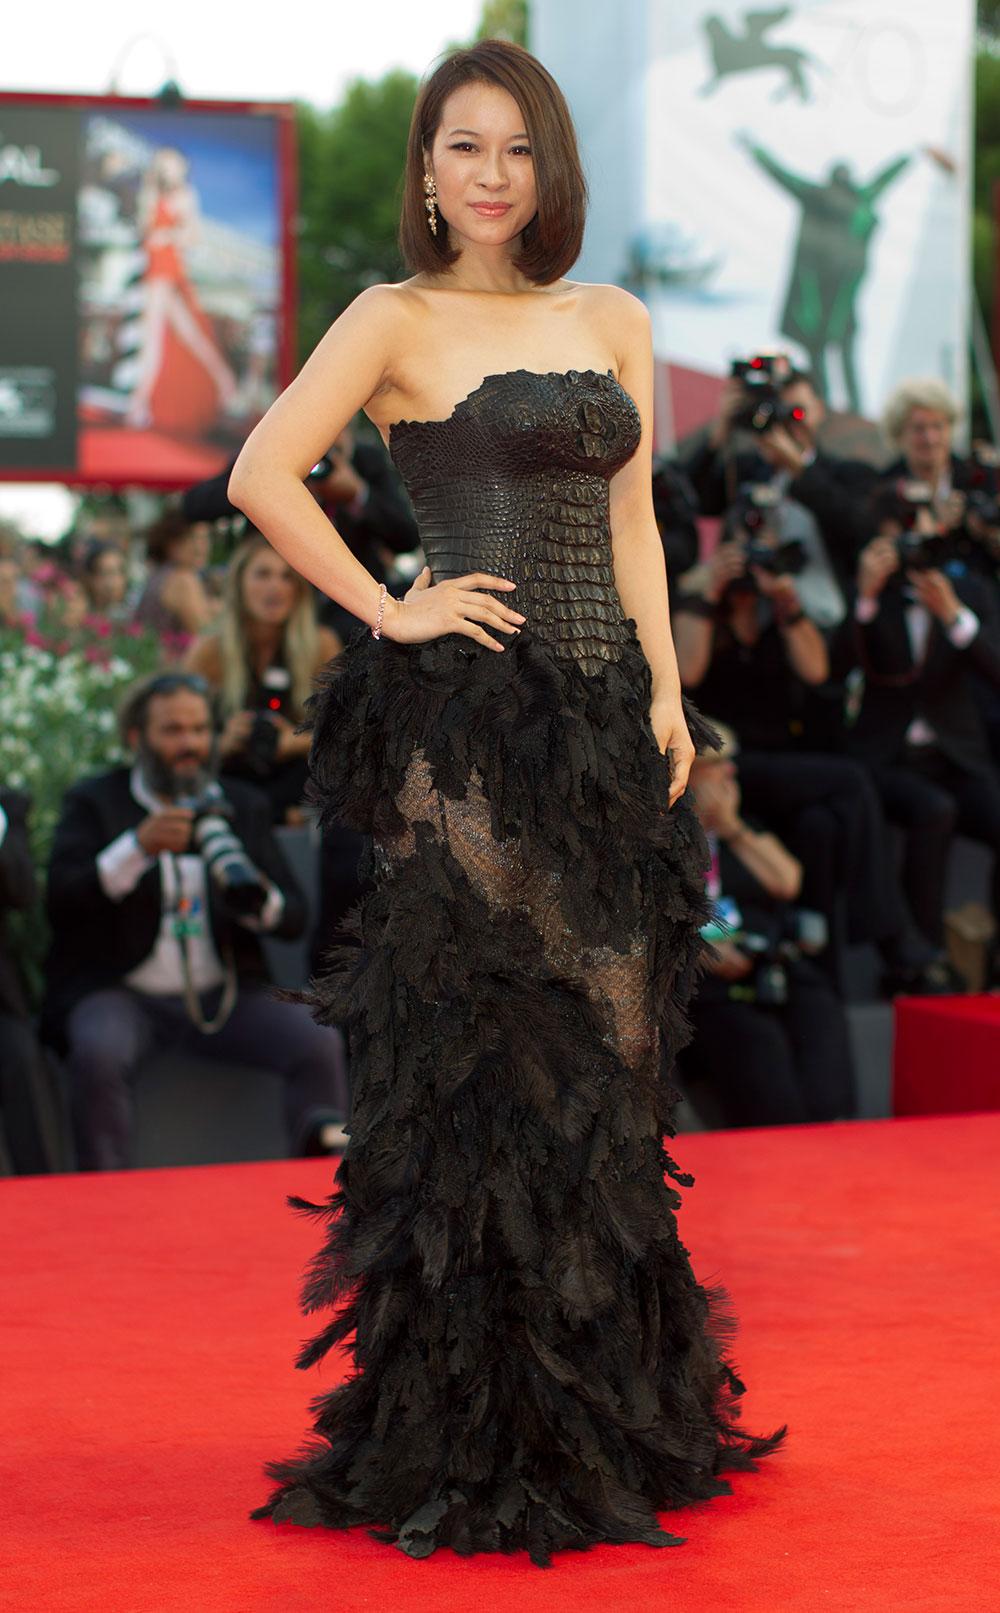 70वें वेनिस फिल्म फेस्टिवल के दौरान रेड कॉर्पेट पर अभिनेत्री वेंचाओ।